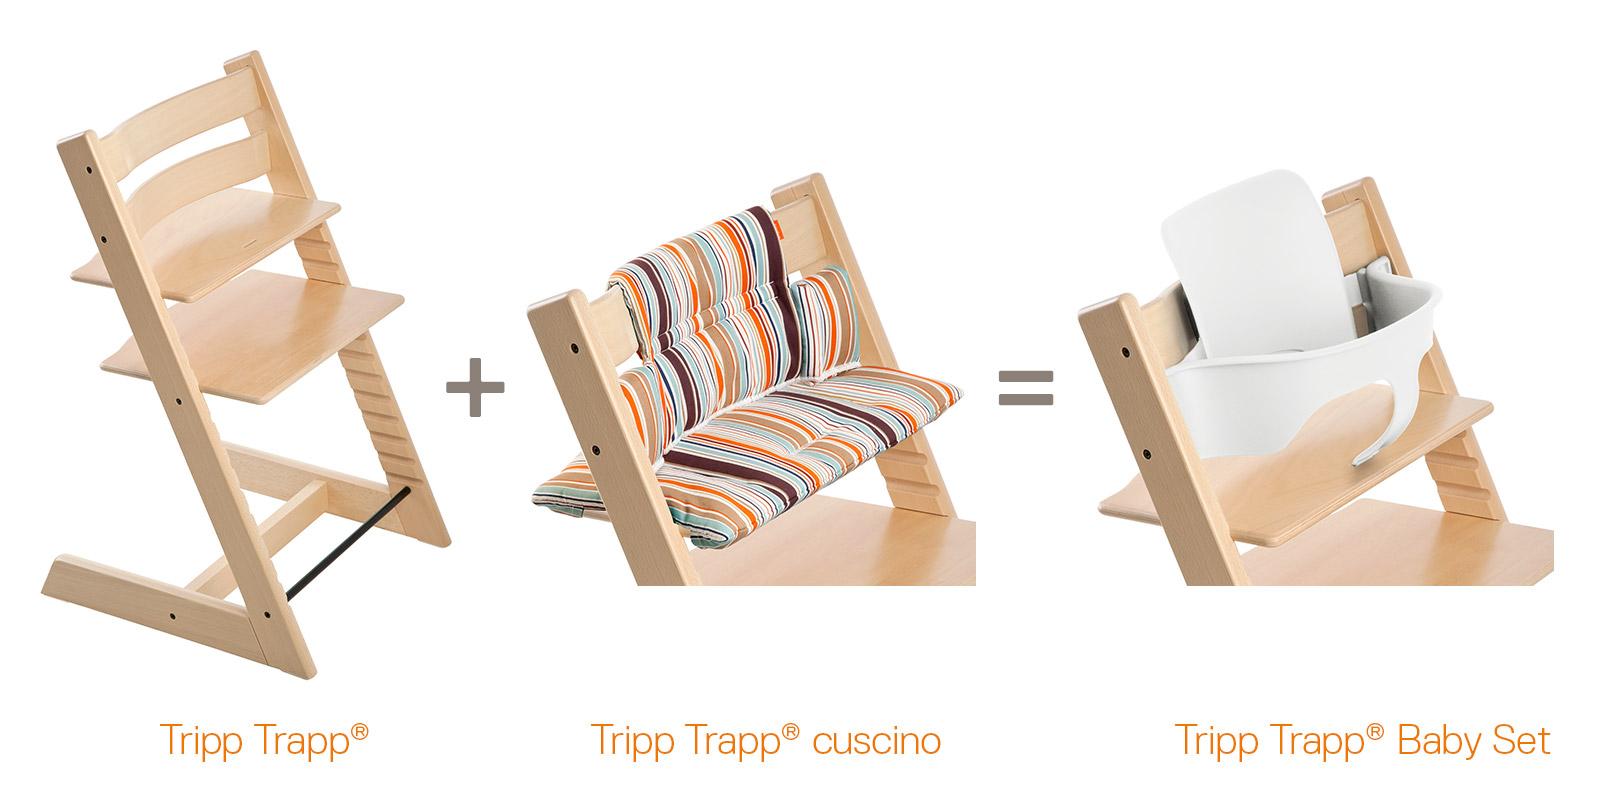 tripp trapp baby set promotion sept 2014. Black Bedroom Furniture Sets. Home Design Ideas